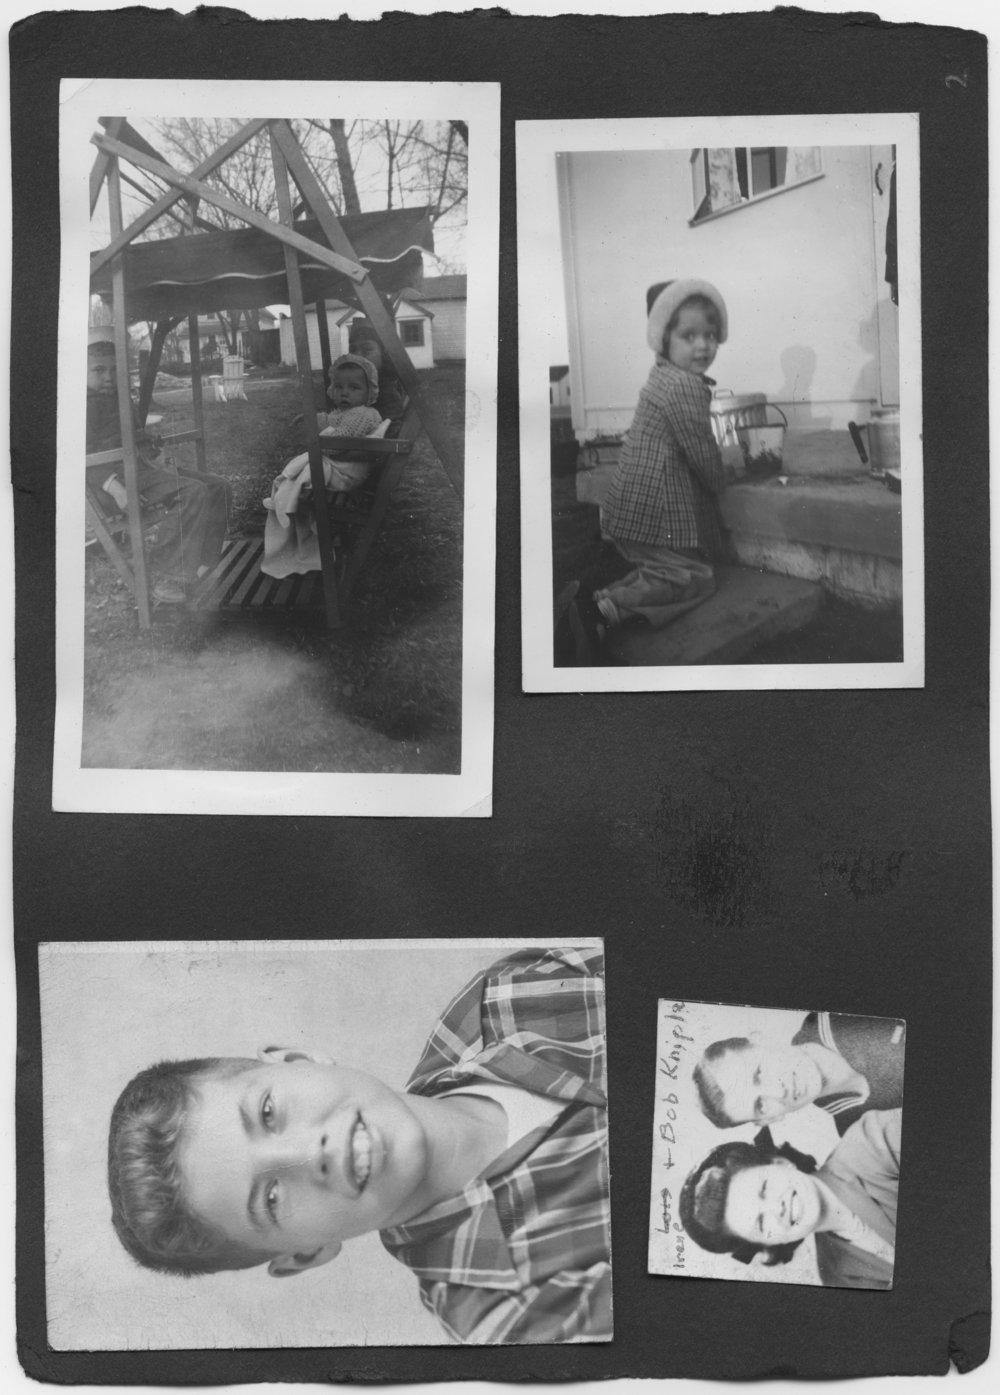 Anita Straub photo album - 4